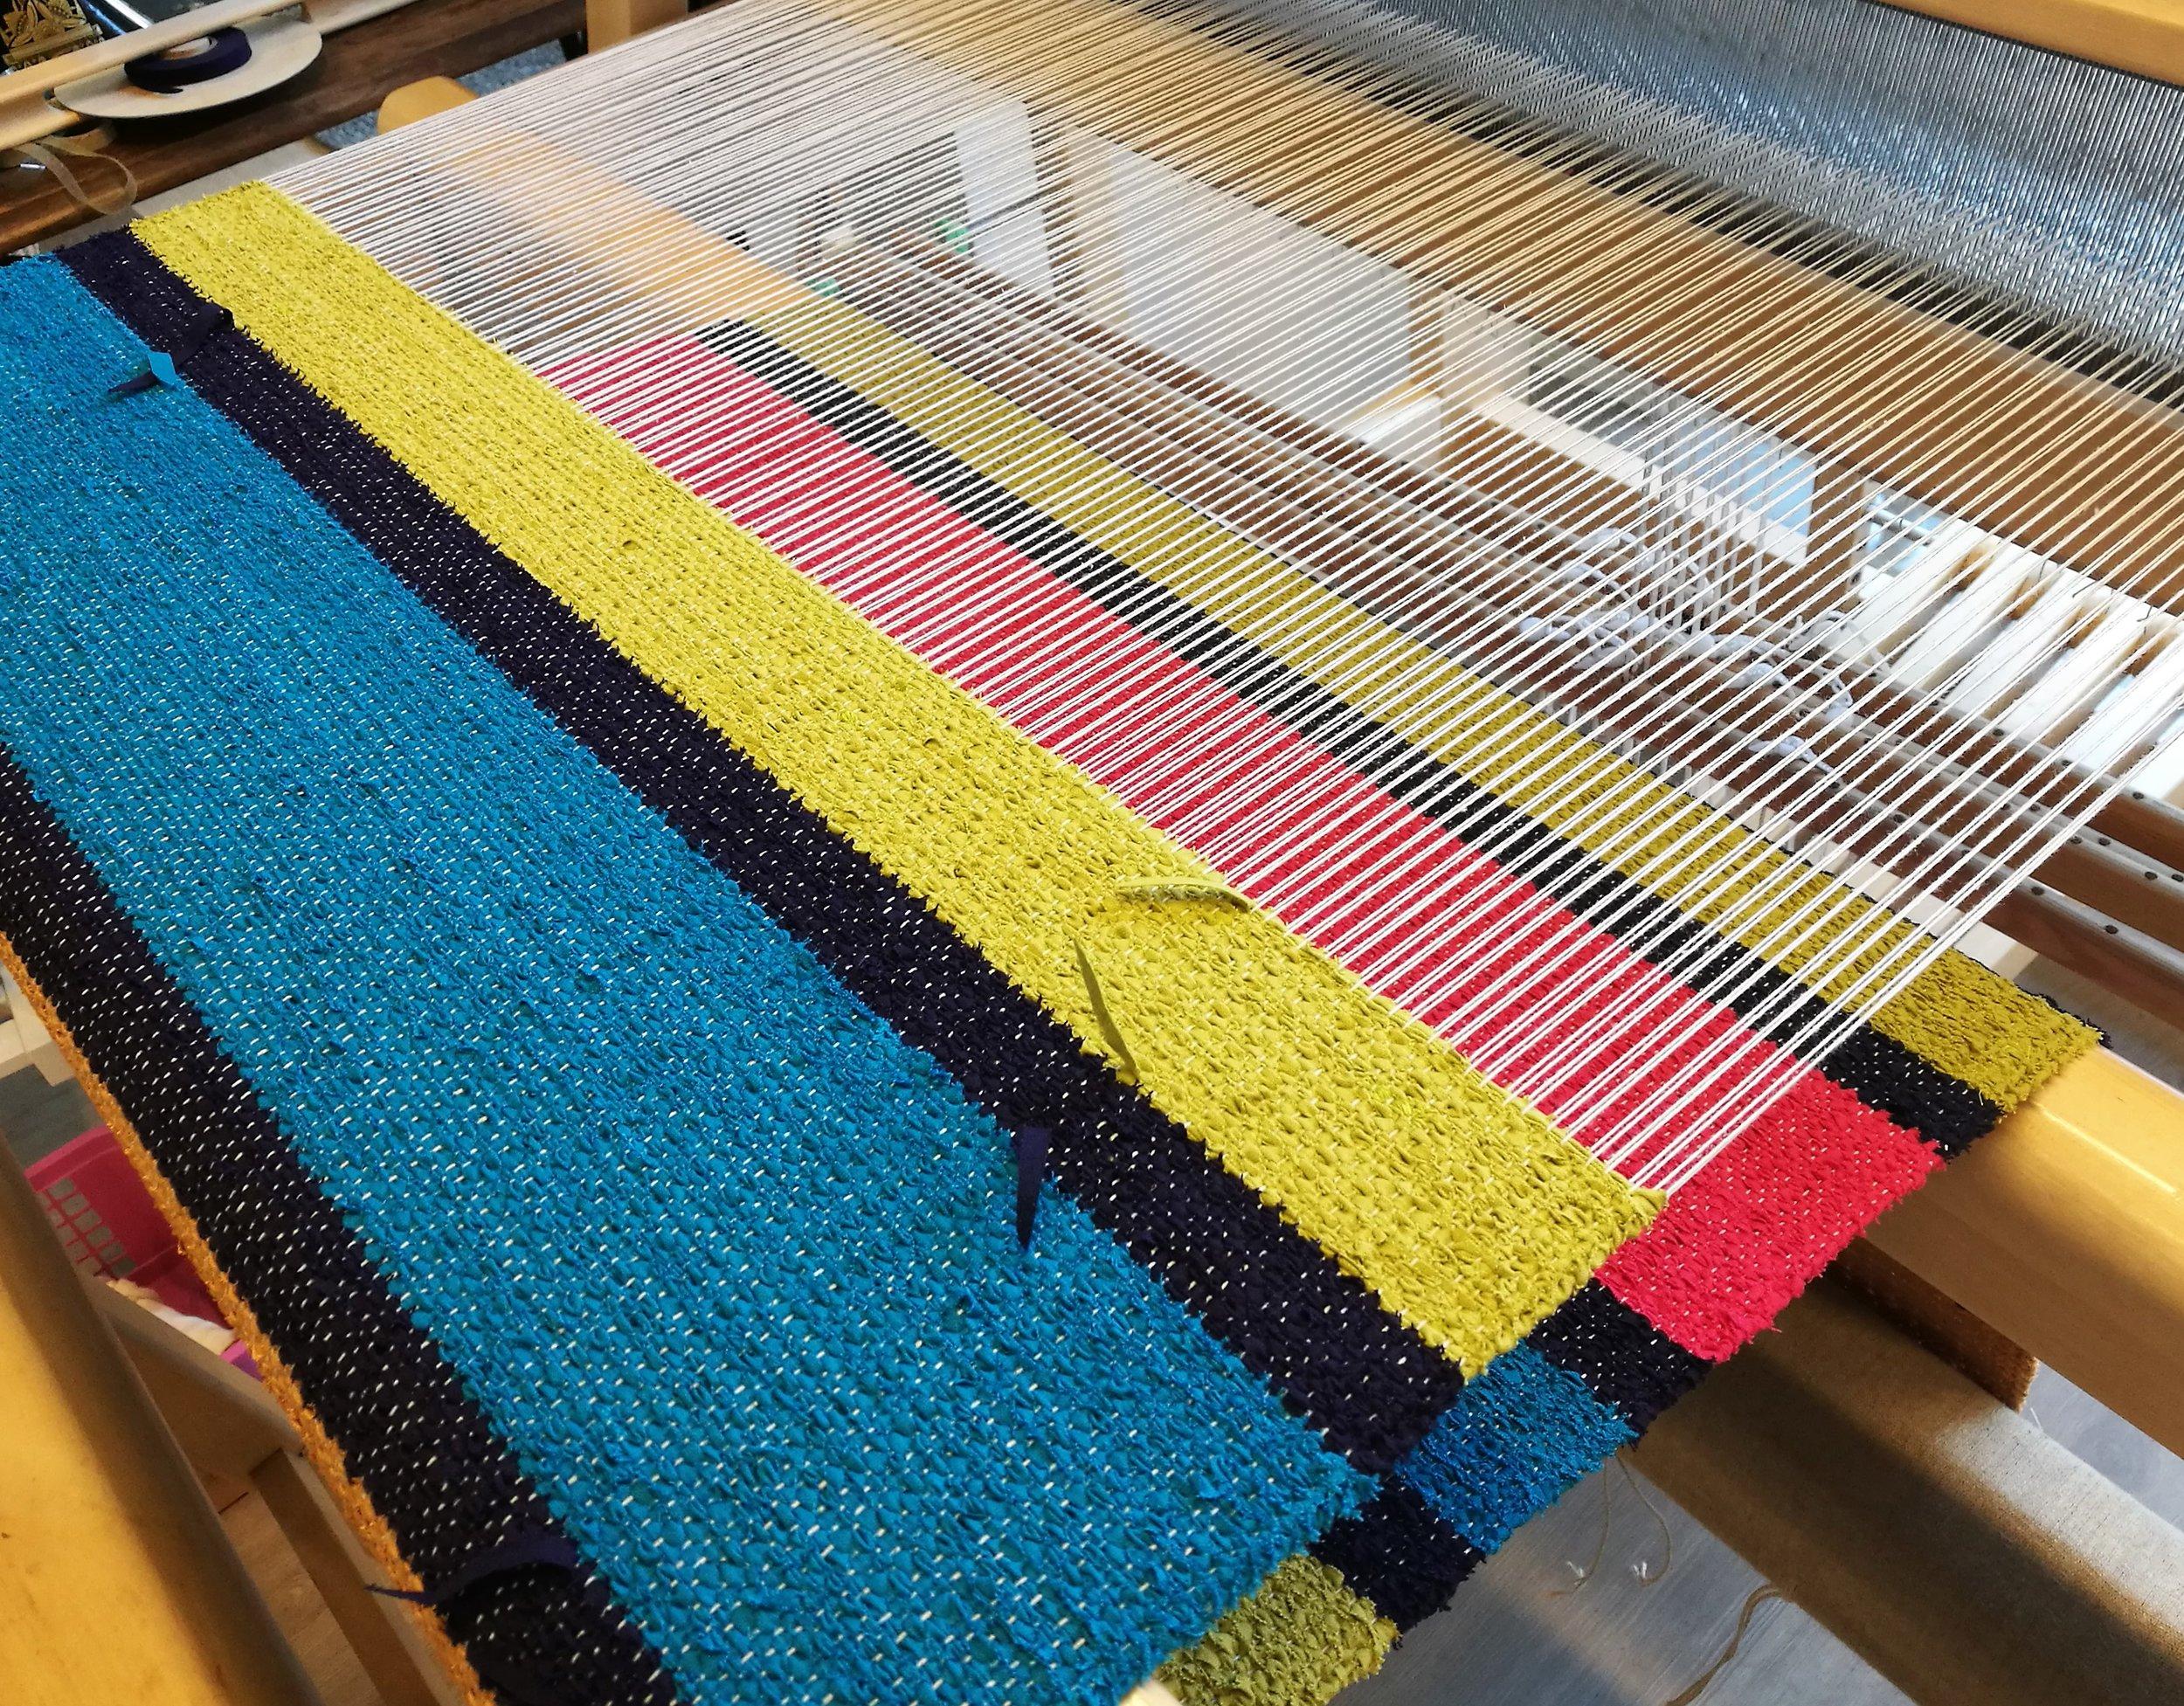 Stripy poppana fabric on the loom